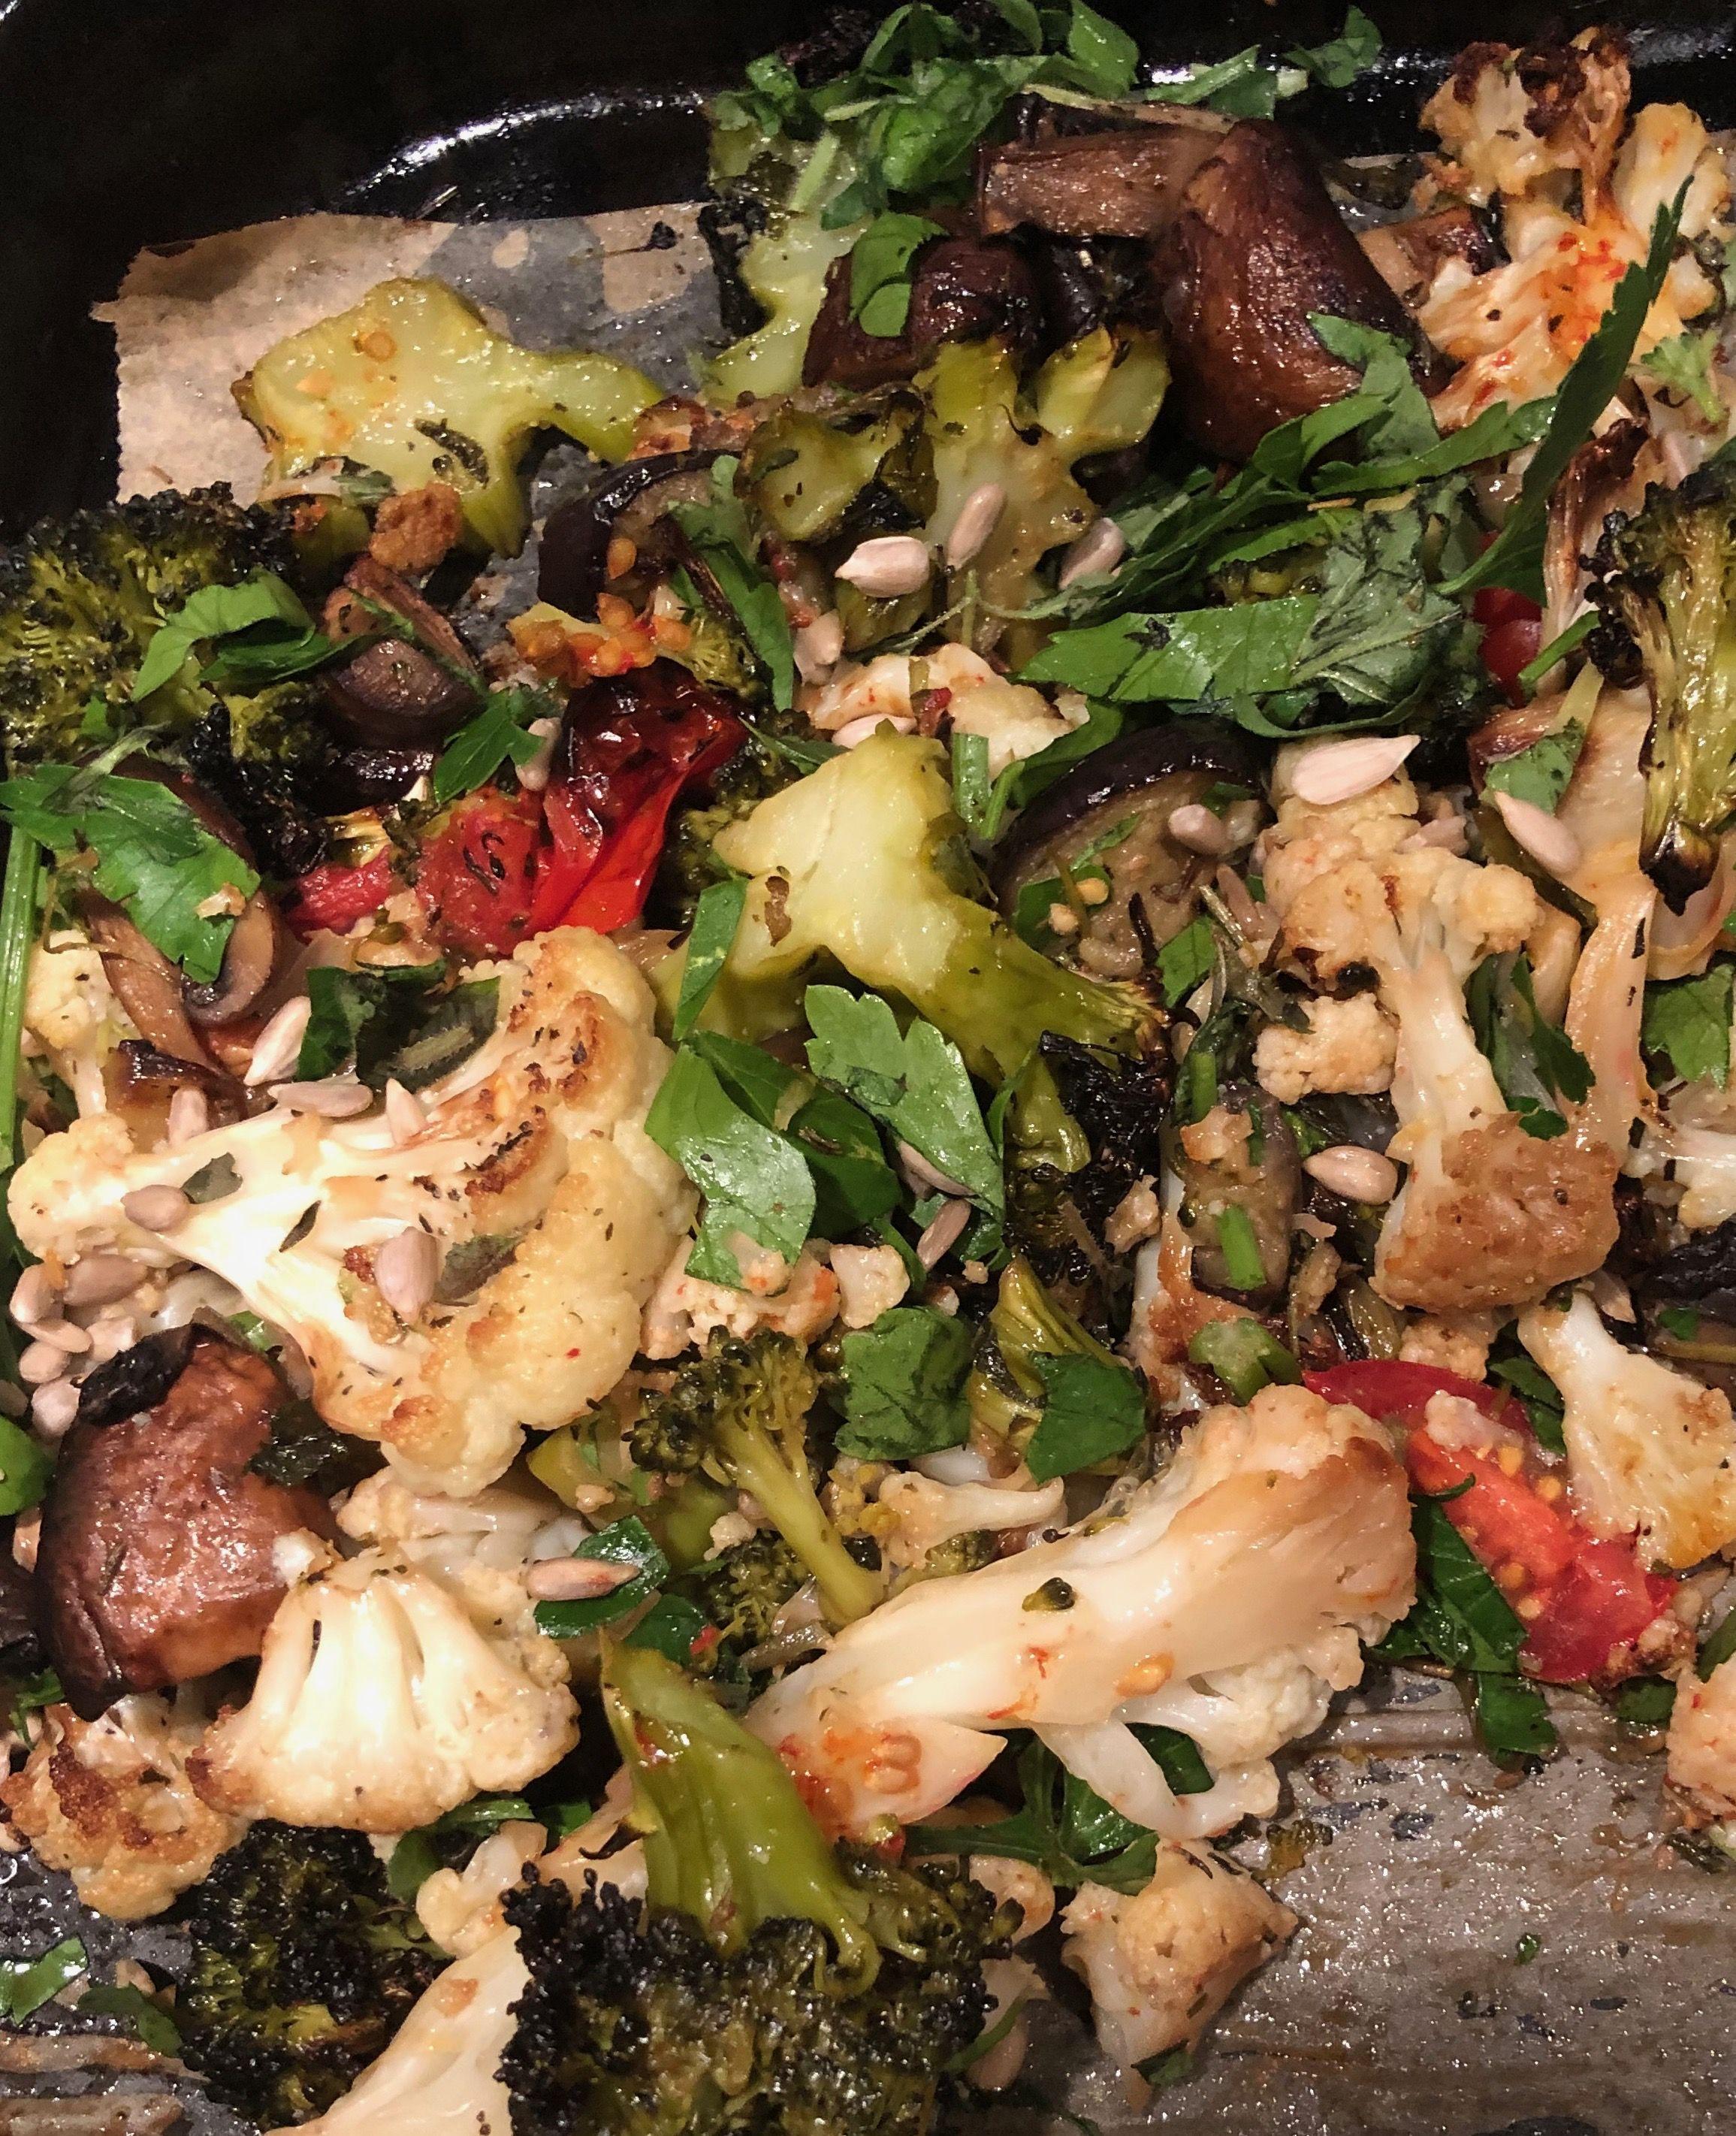 Blomkal Broccoli Farsk Gullok Champinjoner Tomater Aubergine Med Olja Och Salt I Ugn Citron Oregano Fron Och Persilja Efterat Middag Champinjoner Broccoli